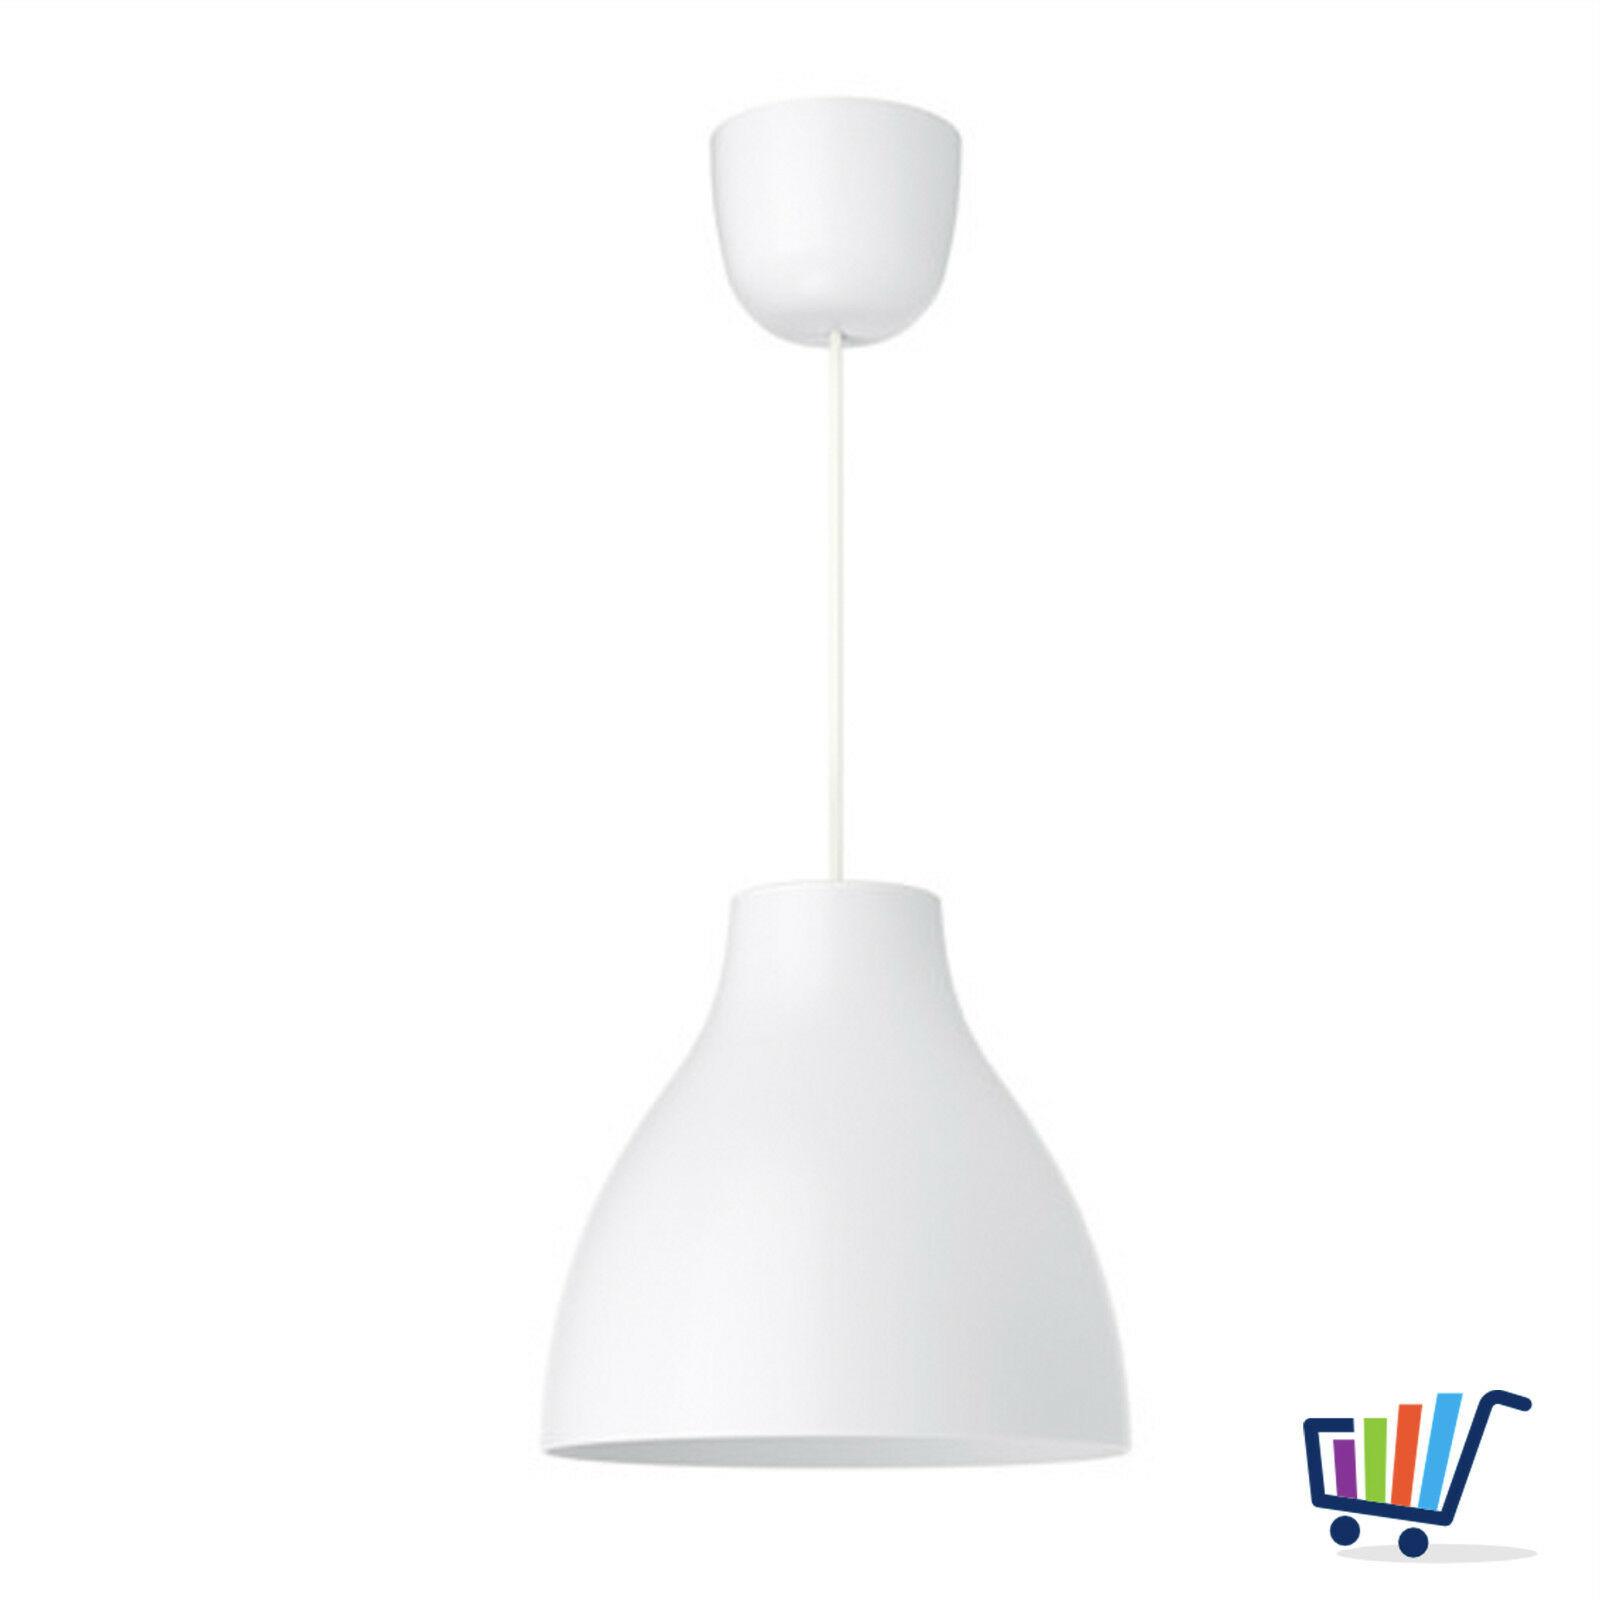 Full Size of Ikea Deckenlampe Deckenhaken Mehr Als 200 Angebote Sofa Mit Schlaffunktion Küche Kosten Betten 160x200 Modulküche Esstisch Schlafzimmer Deckenlampen Für Wohnzimmer Ikea Deckenlampe